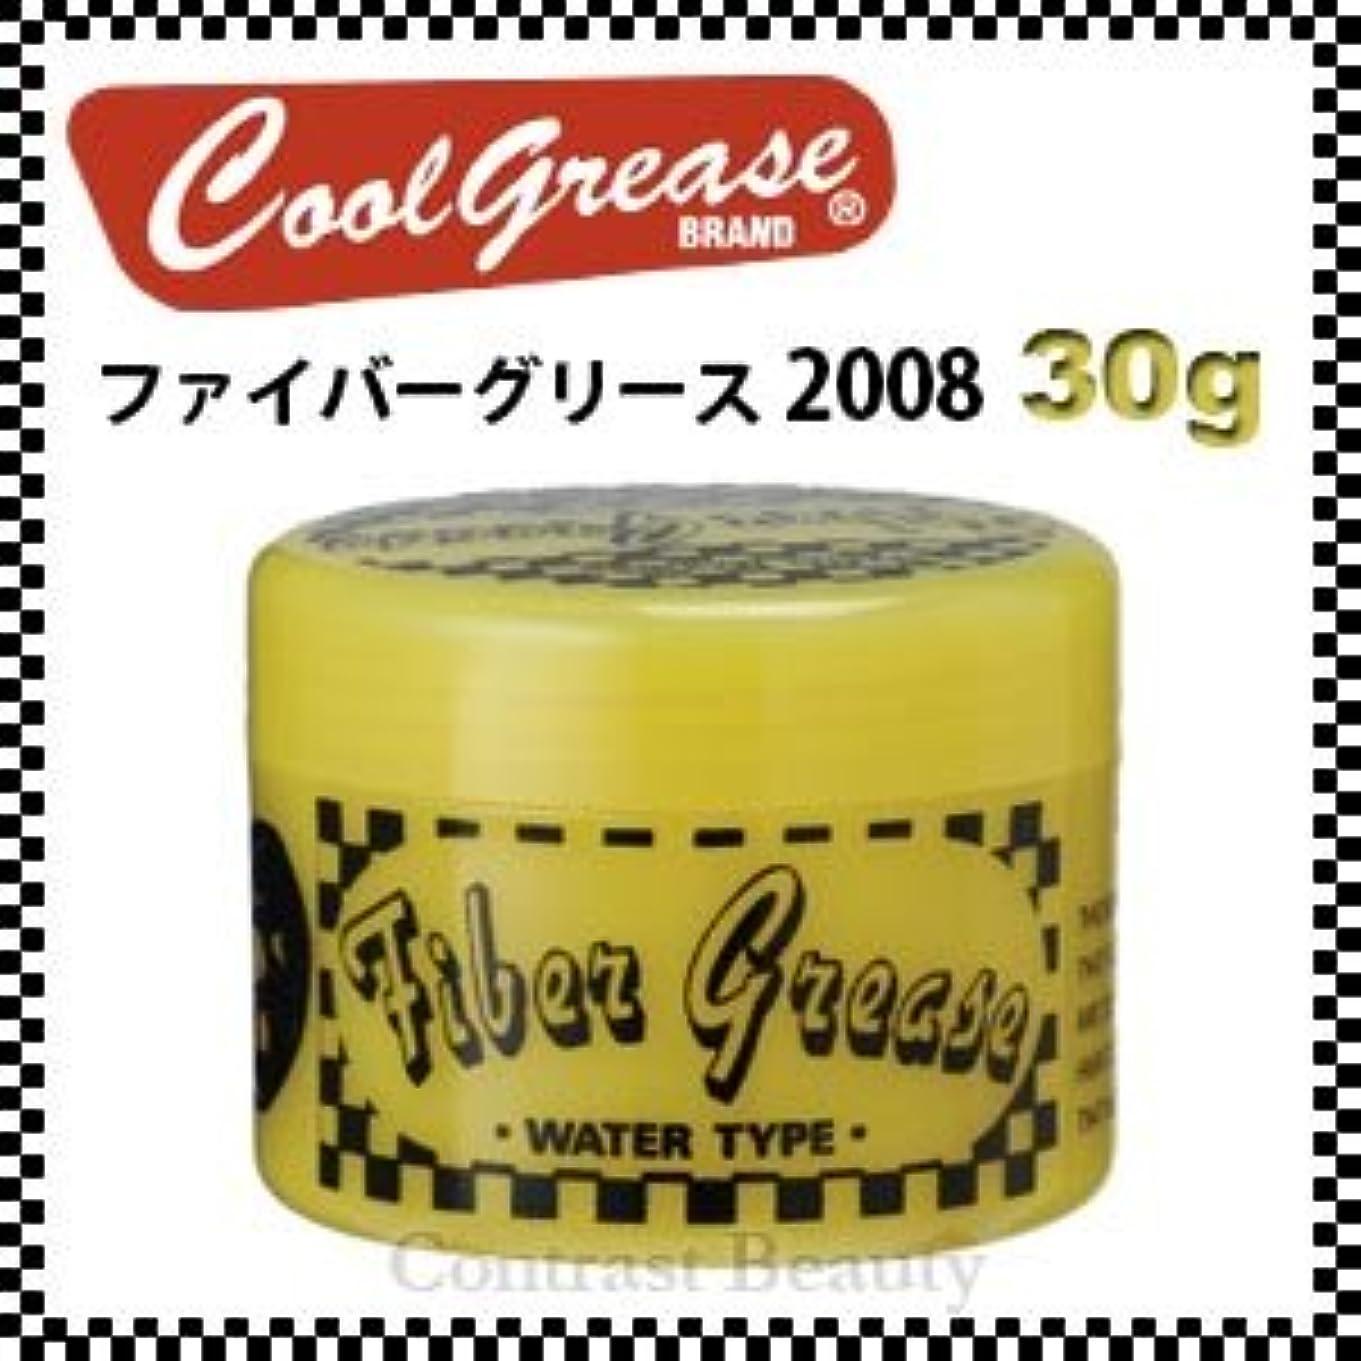 叫ぶ箱行進阪本高生堂 ファイバーグリース 2008 30g